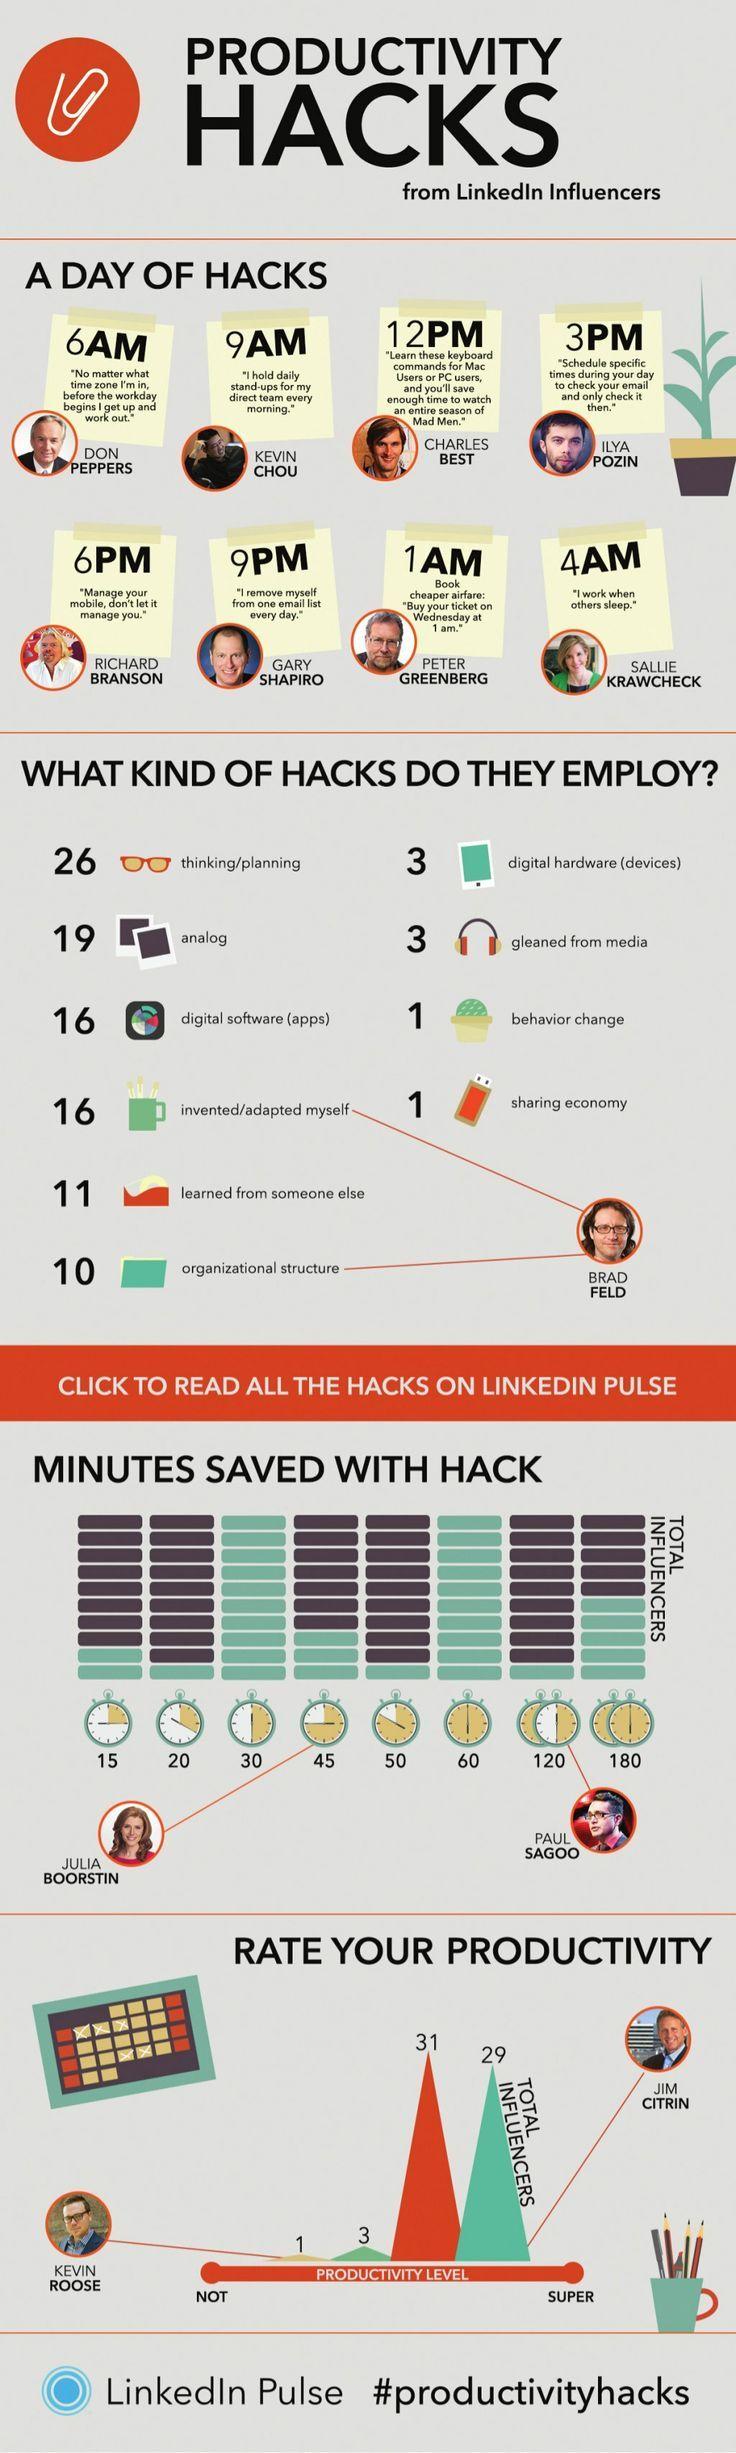 Killer Produktivitet Hacks From Iværksættere Ligesom-4824